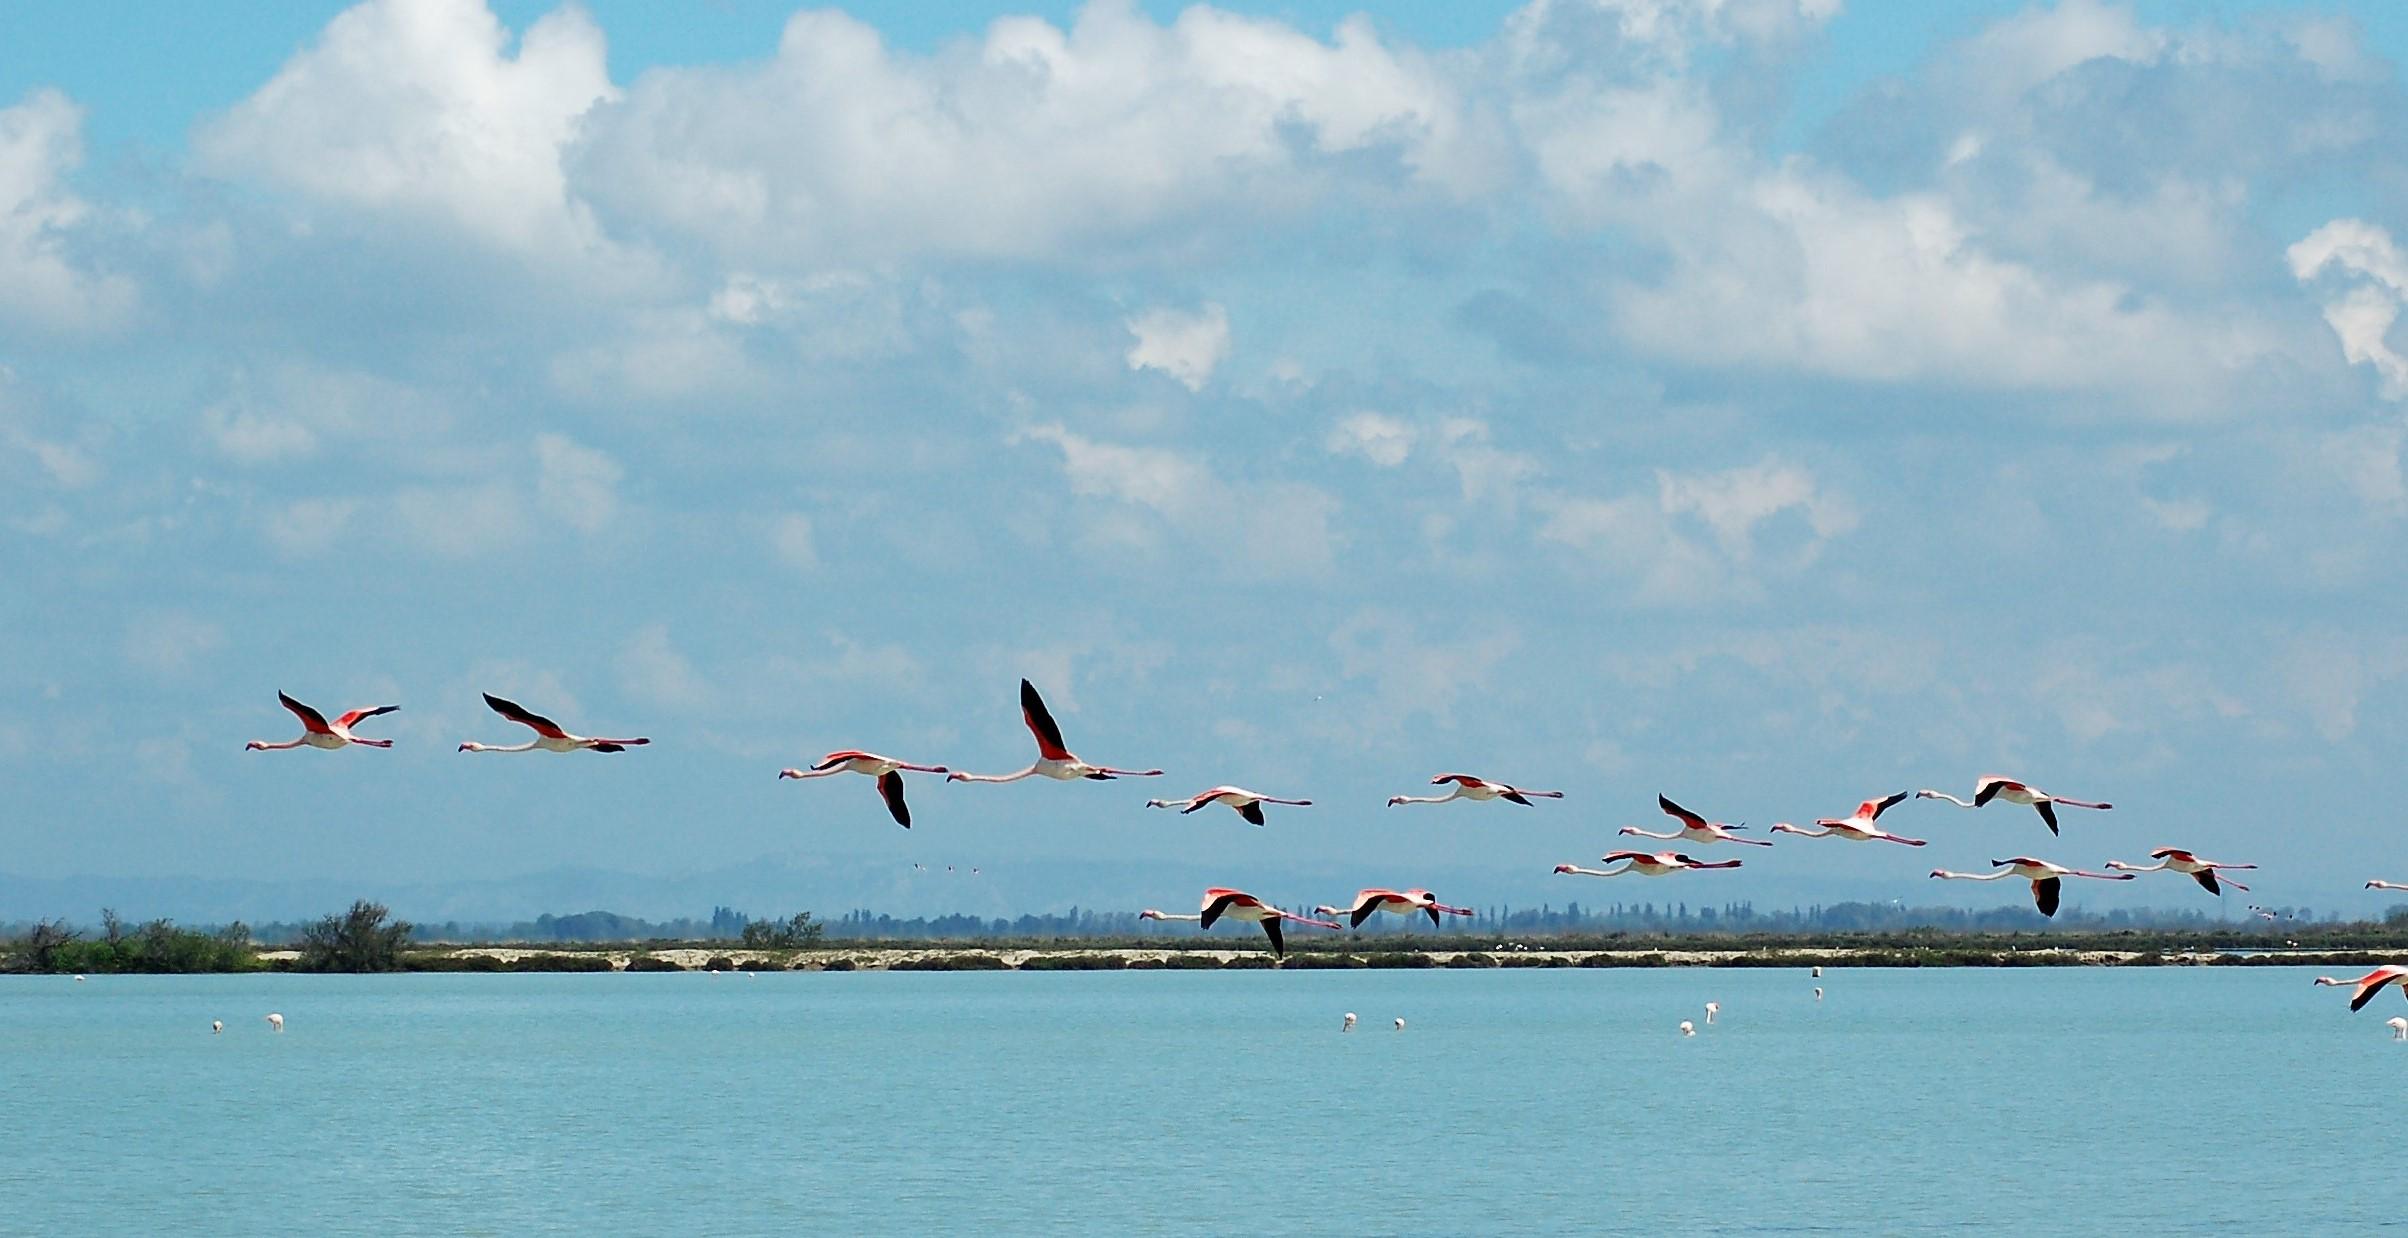 Vols de flamants roses en Camargue - DR : Y. LeMagadure, CRT PACA